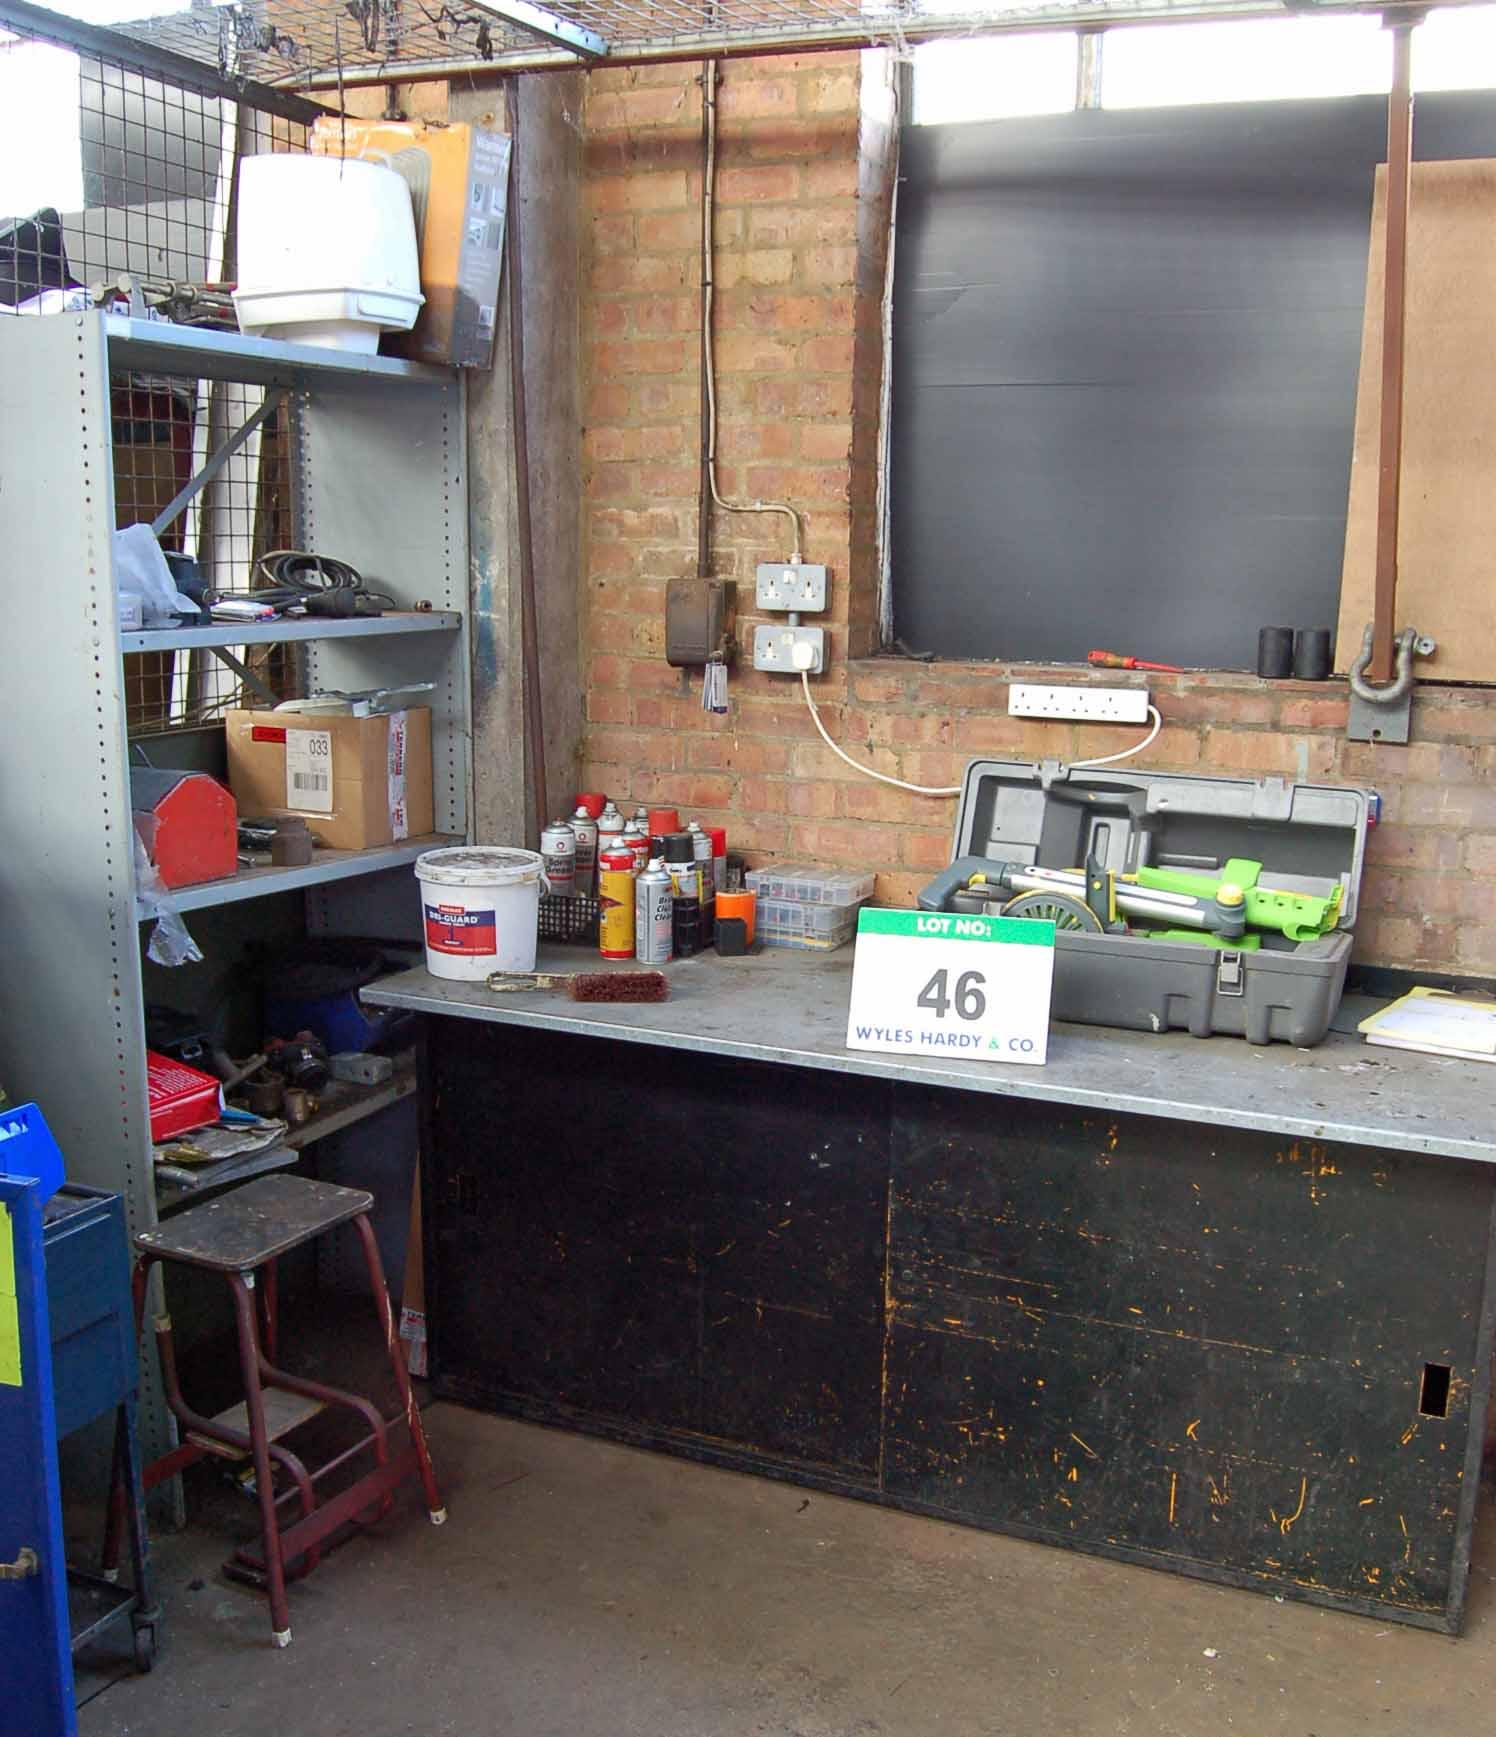 Lot 46 - A Grey-Blue Steel Cabinet, A Blue Steel 2-Drawer Trolley, A Grey Steel 3-Tier Rack, A Black Steel